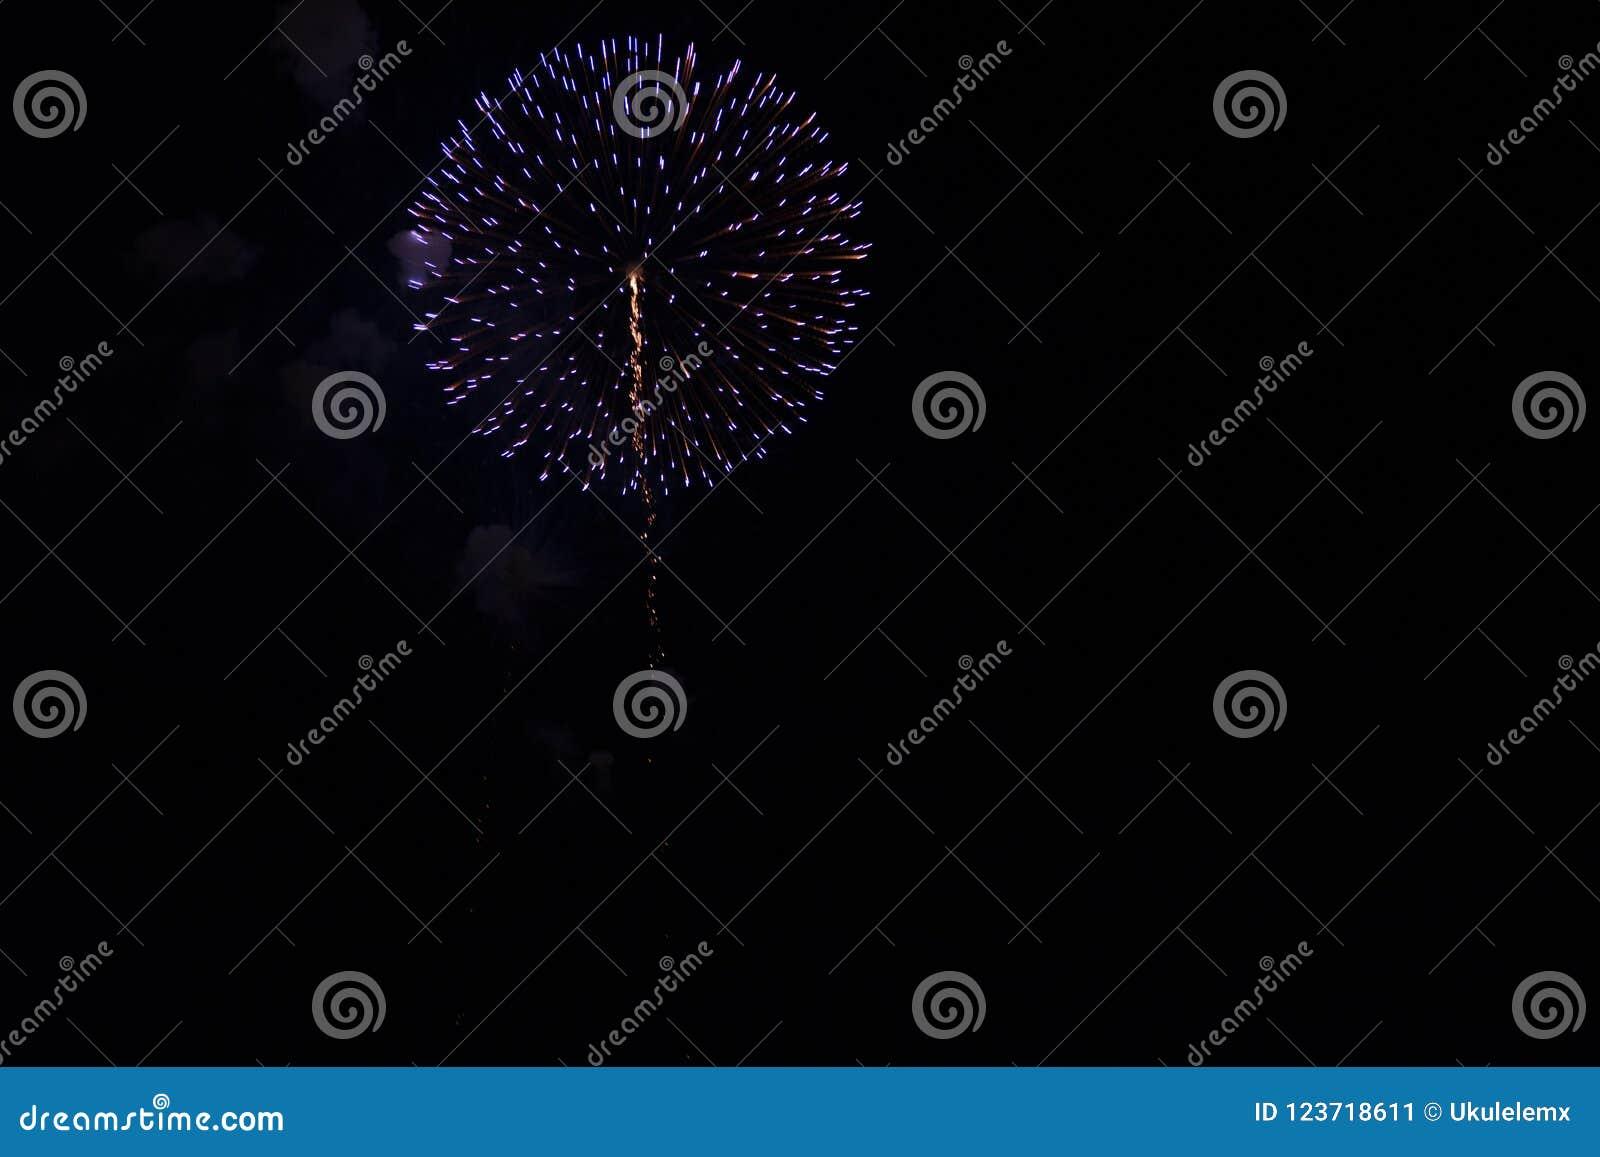 Veelvoudig Vuurwerk in nachthemel in een samenstelling in schaduwenblauw